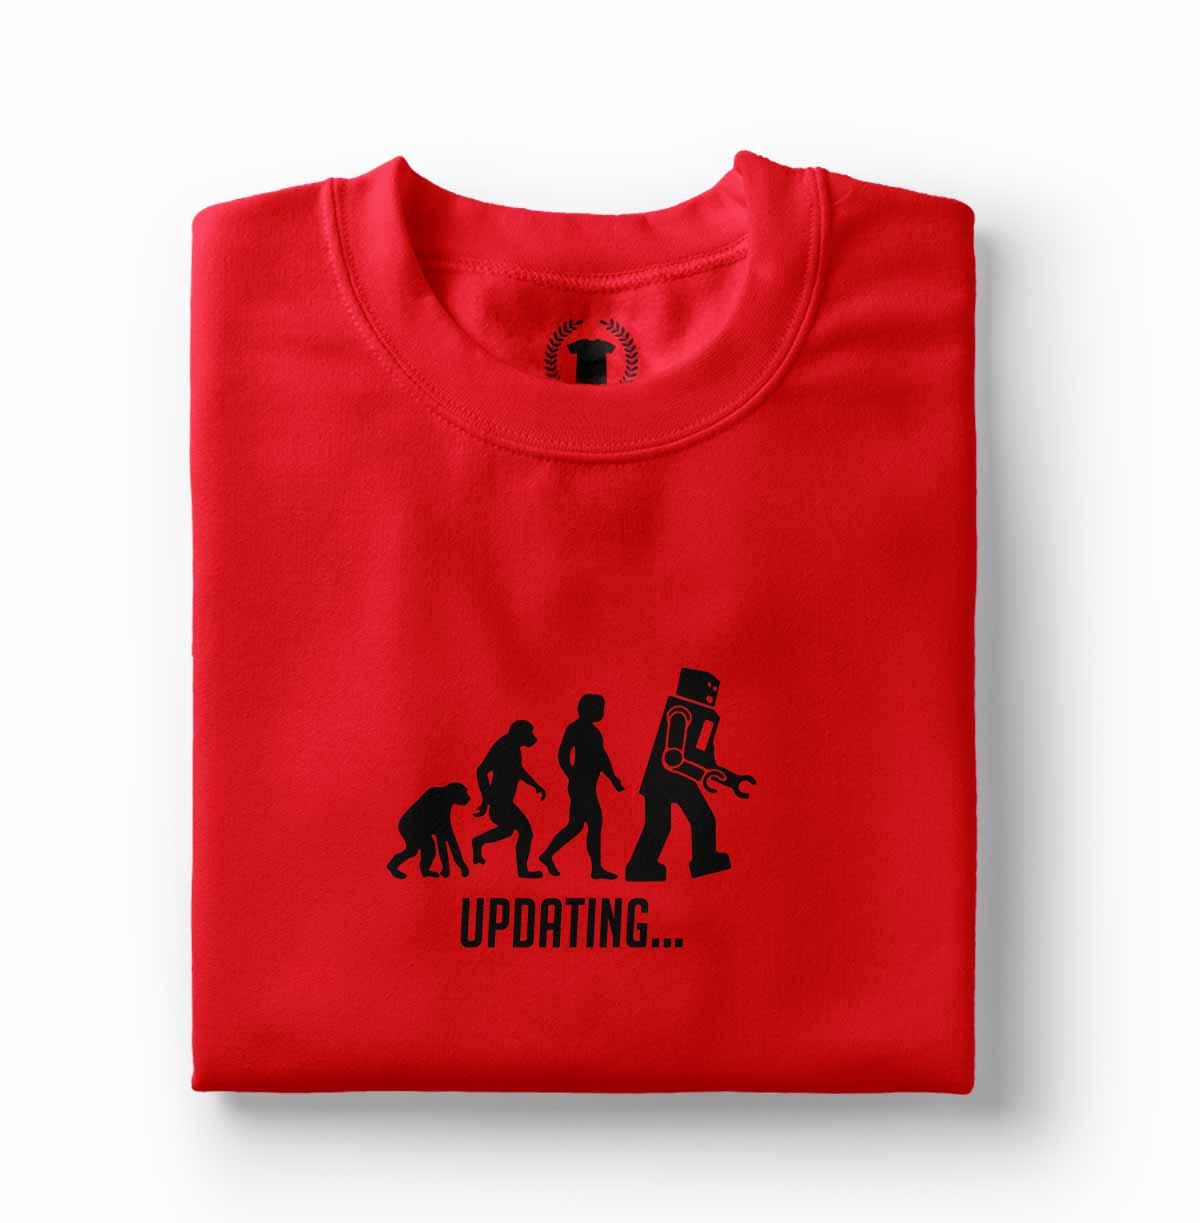 Camisa engracada Evolucao Homem atualizando Robo Updating